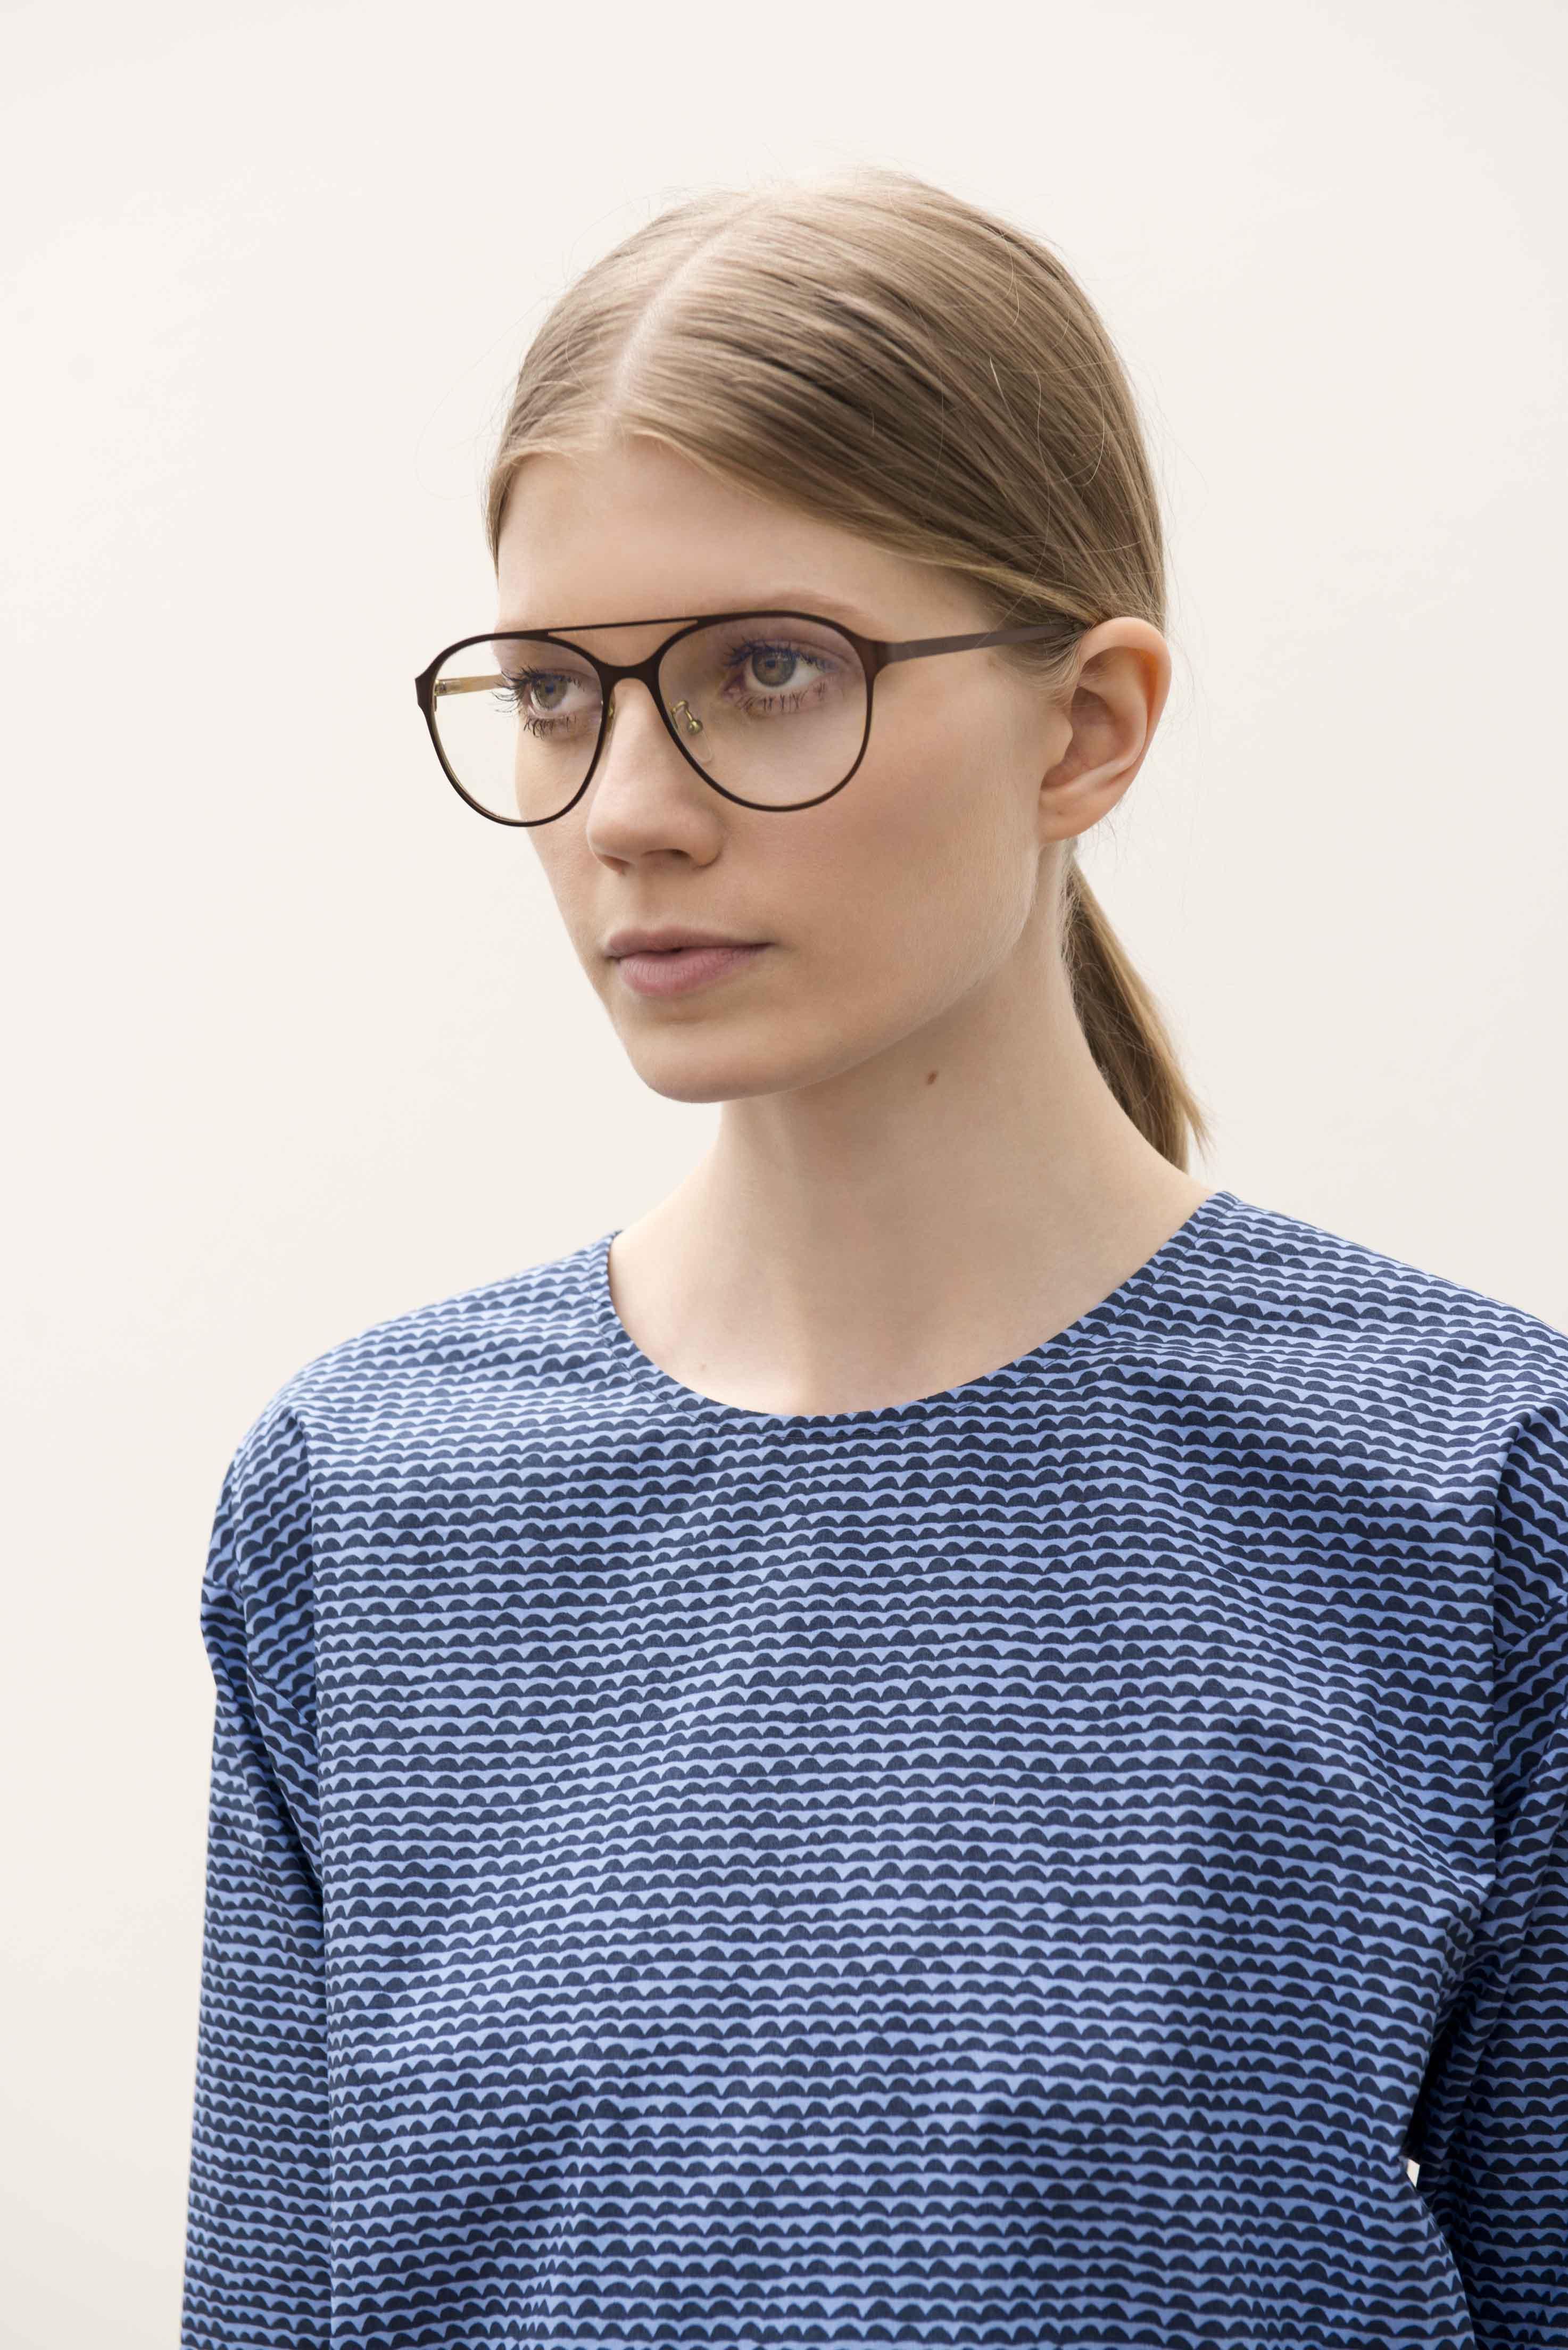 Marimekko eyewear_Vuokko 2_74734_low